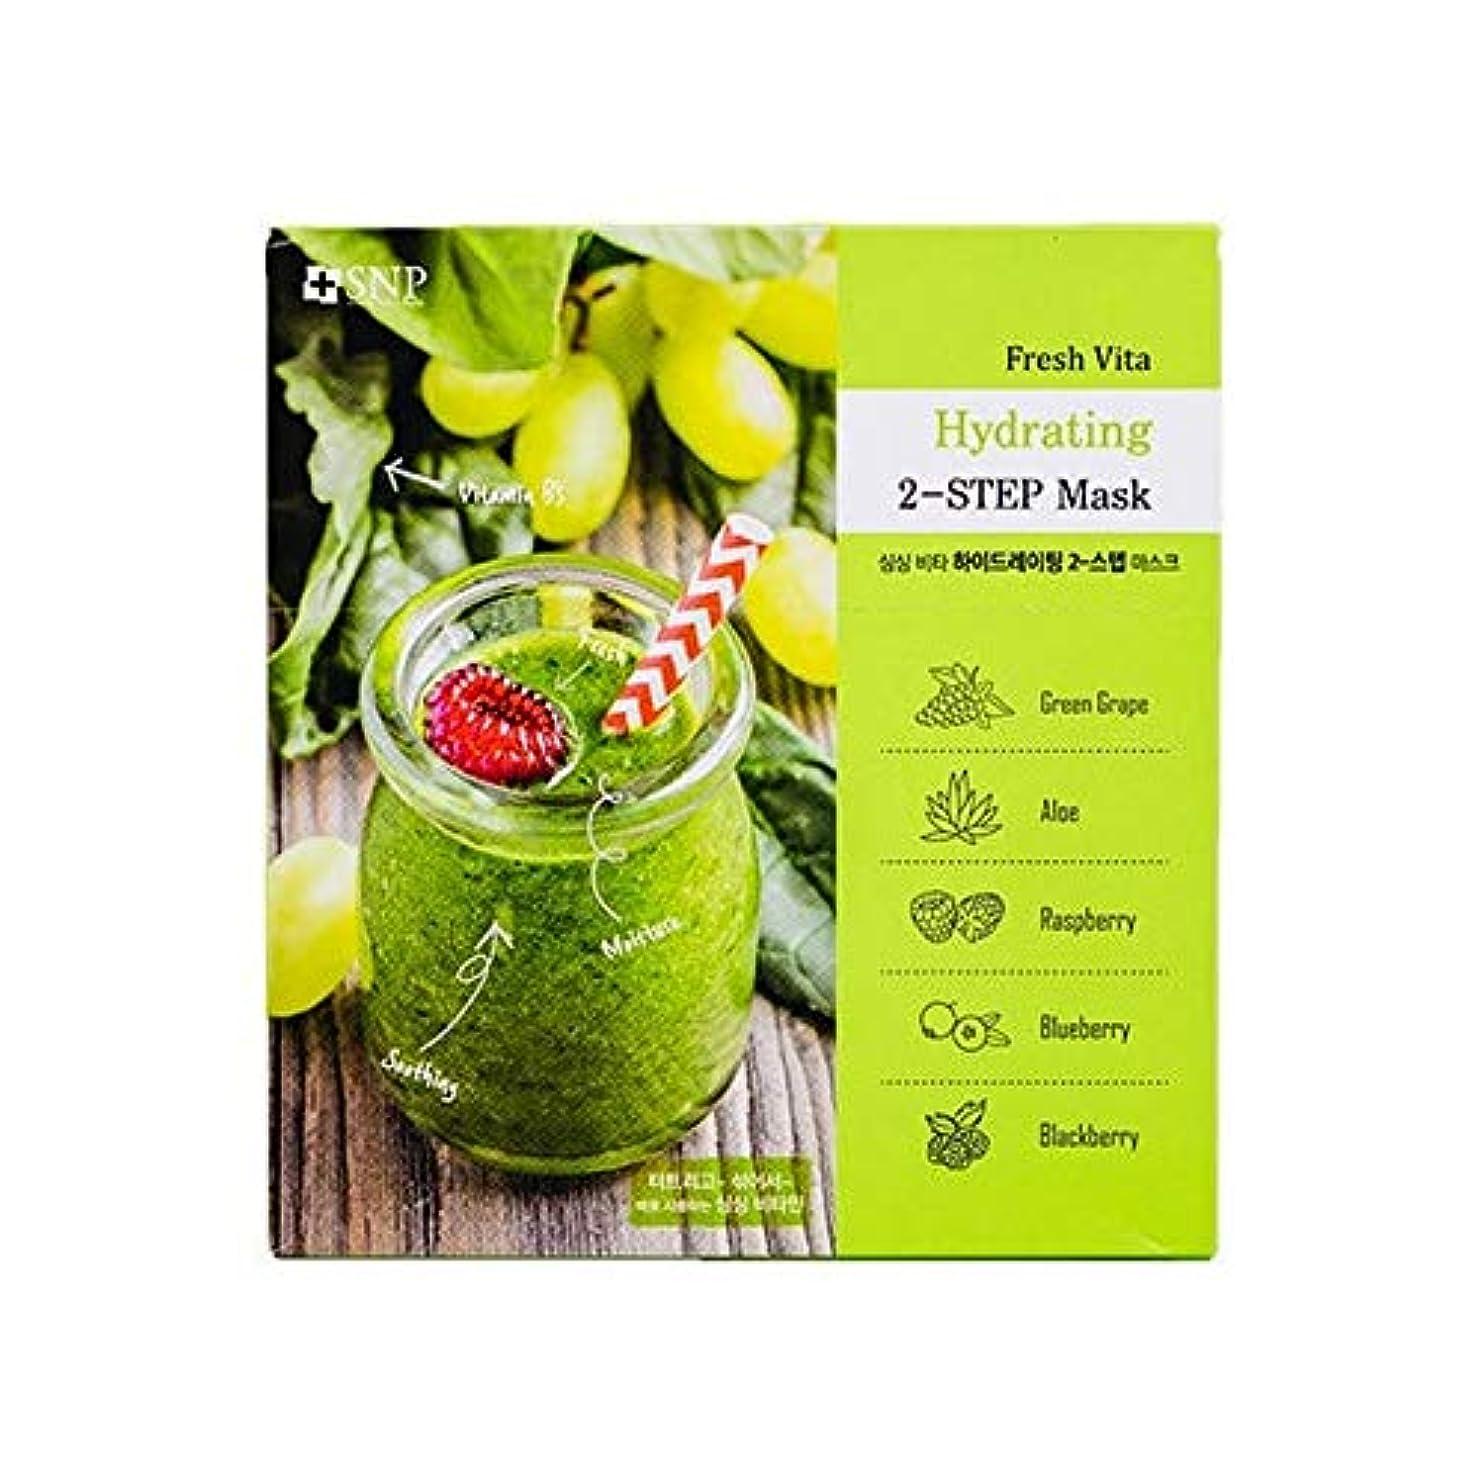 再生可能騒ピクニックをする[SNP] Snp新鮮なビタミンC 2段階の水和マスク - SNP Fresh Vitamin C 2-Step Hydrating Mask [並行輸入品]